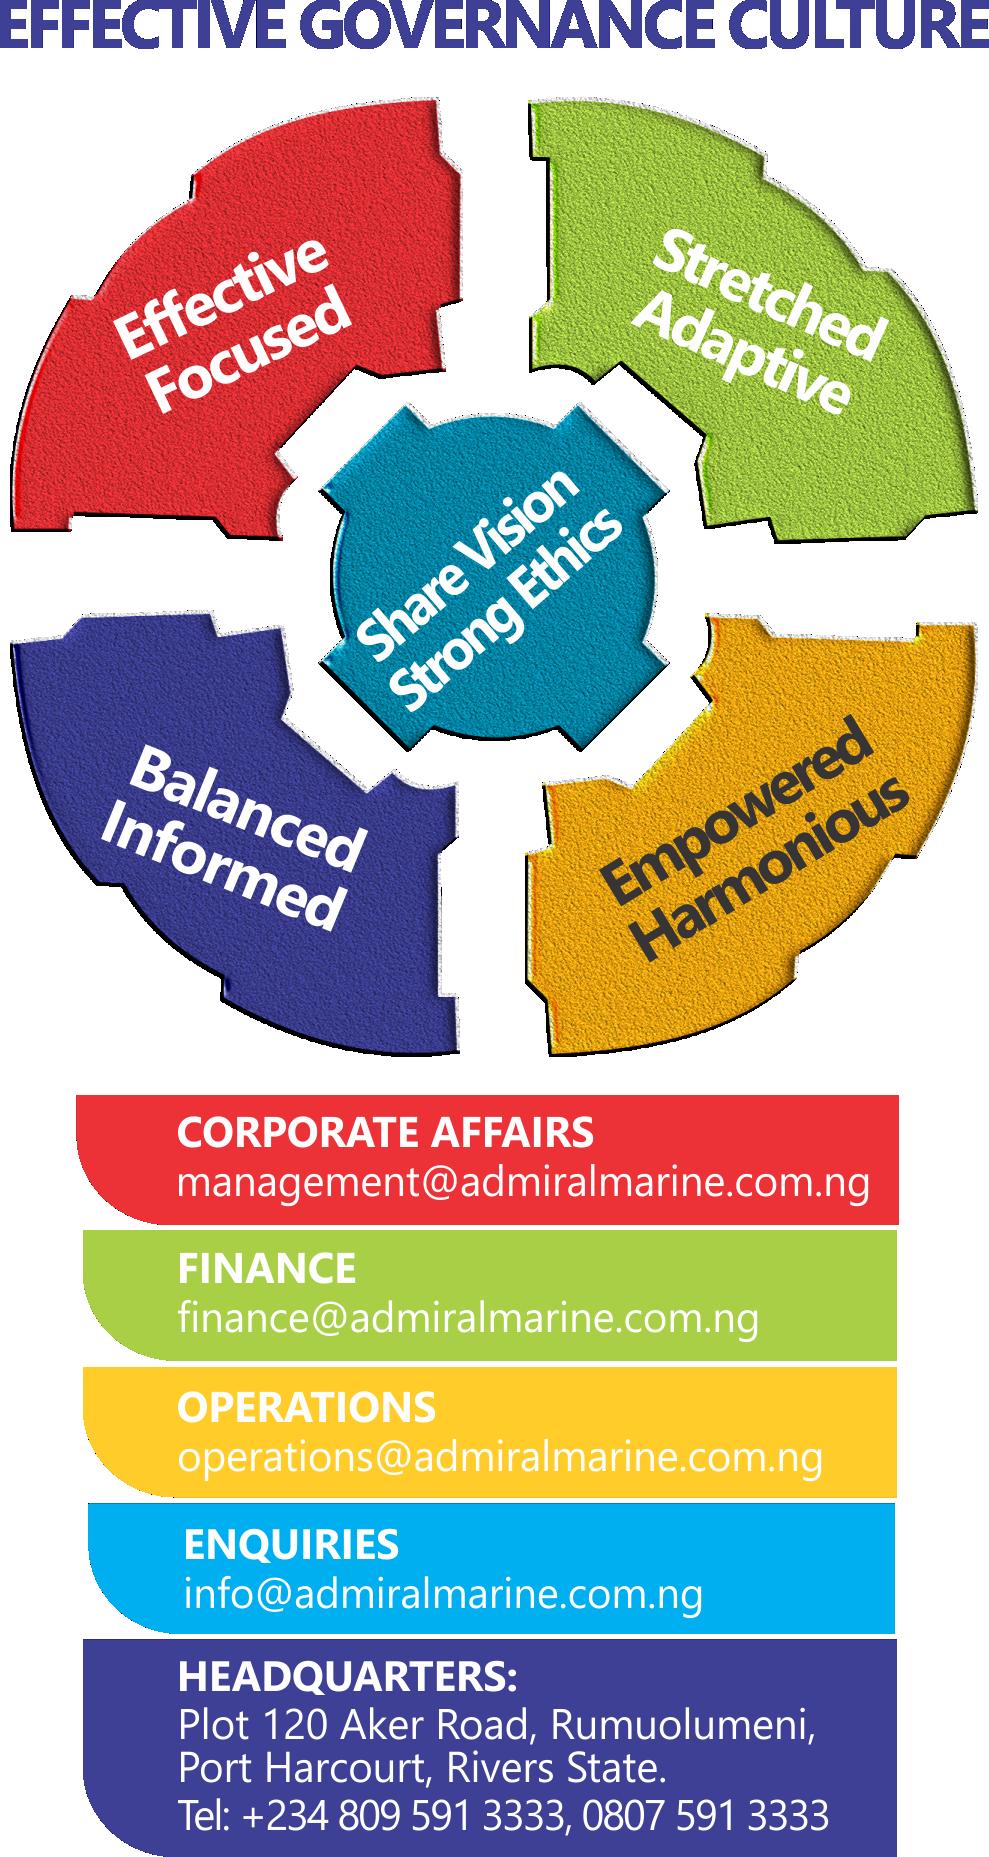 https://admiralmarine.com.ng/wp-content/uploads/2015/10/Admiral-Version-0.1jk.png